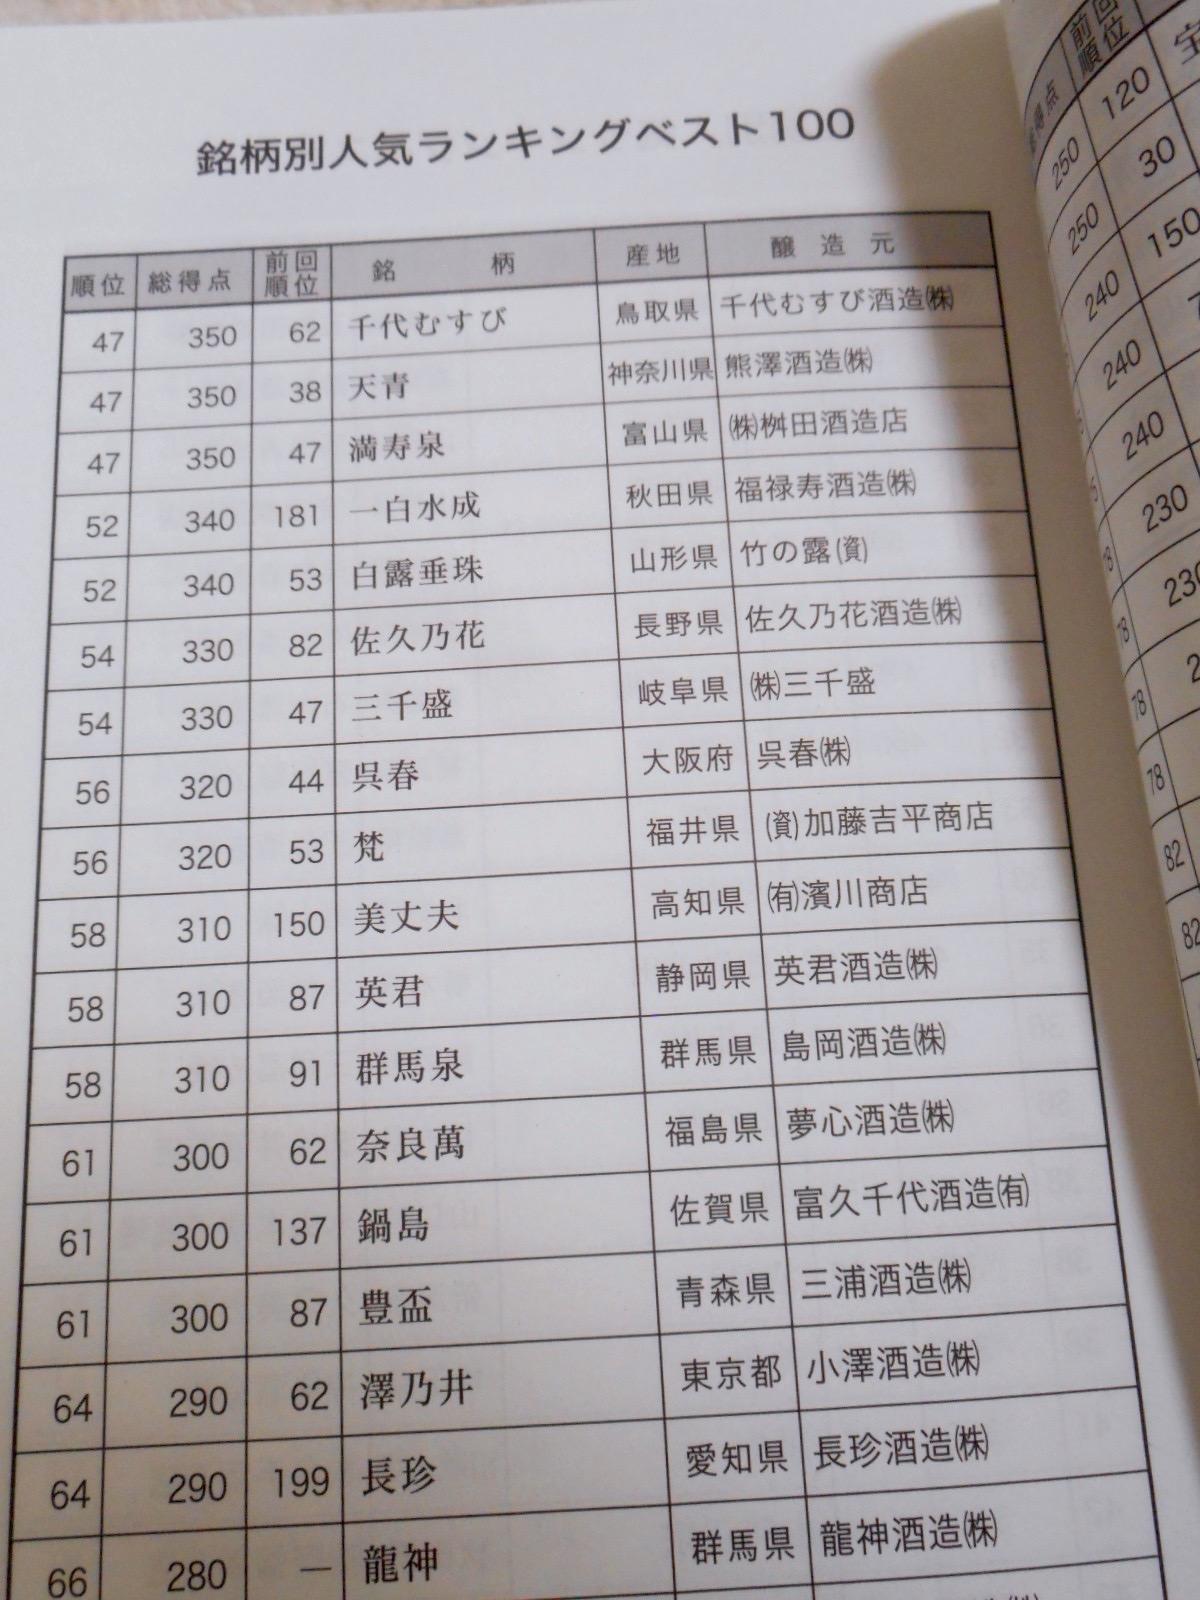 日本酒人気銘柄rナンキング2009_2